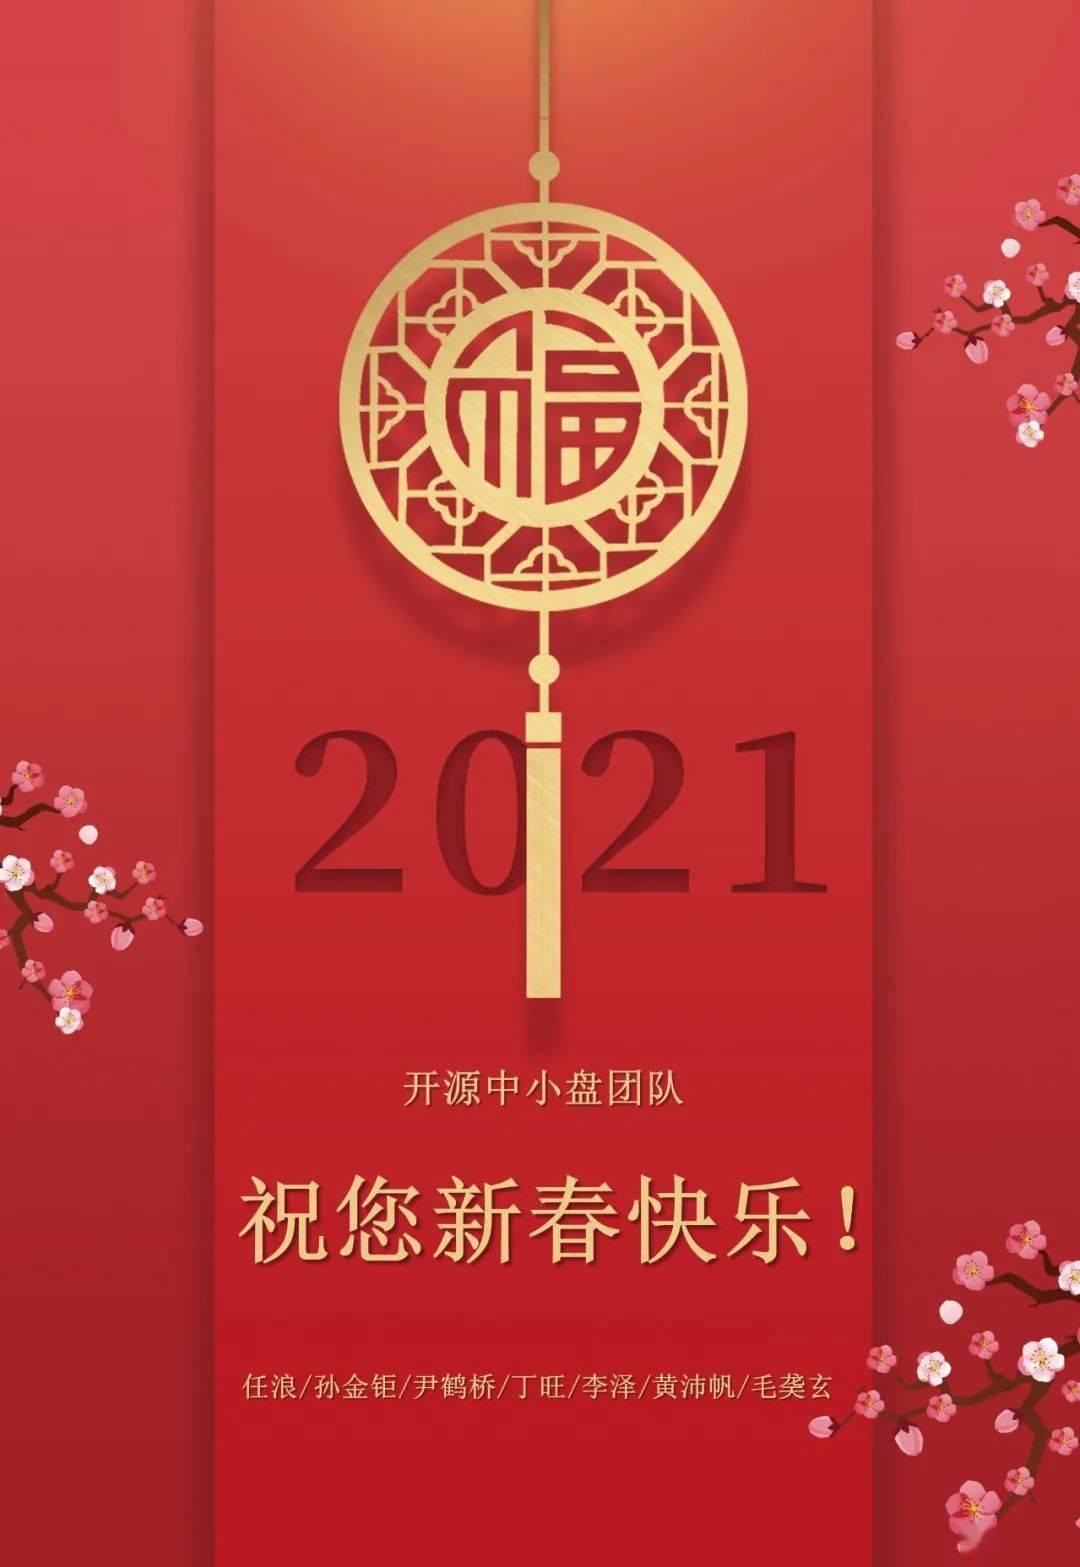 祝您新年快乐!